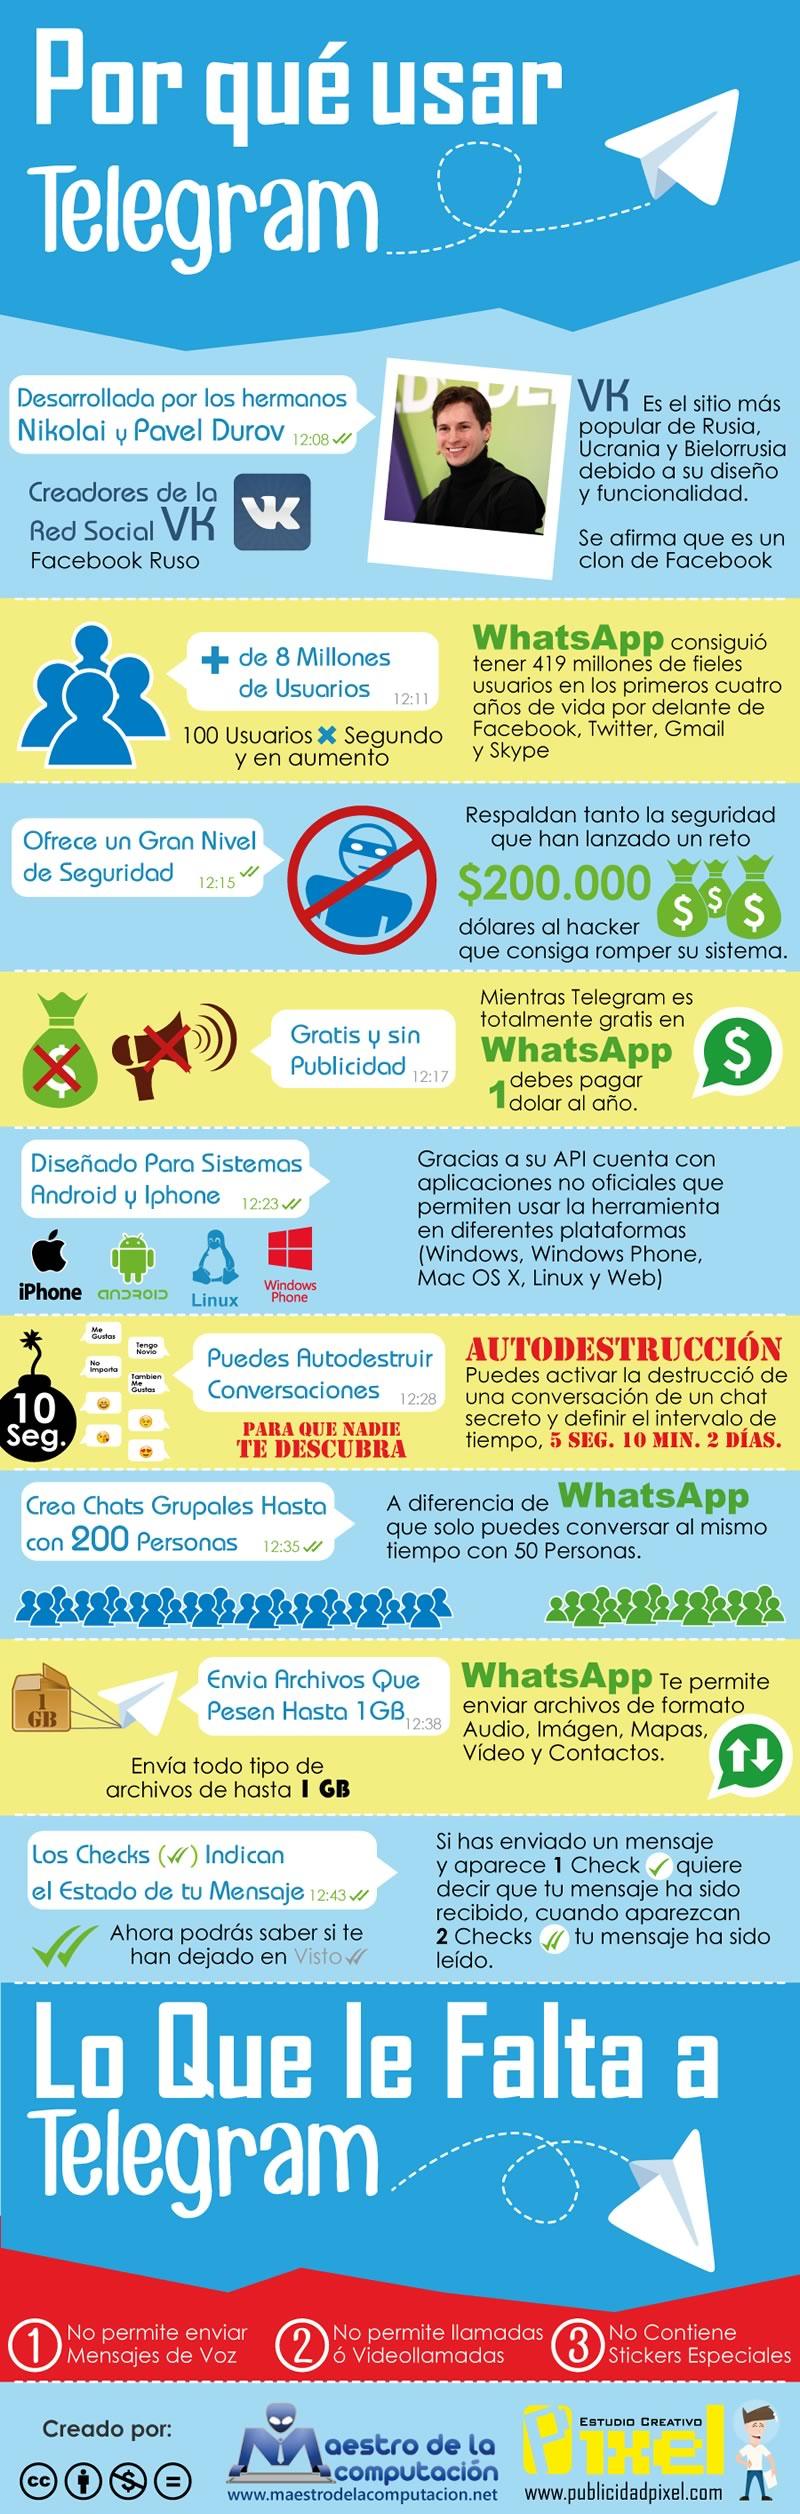 ¿Por qué usar Telegram? conoce todas sus características y ventajas en esta infografía - usar-telegram